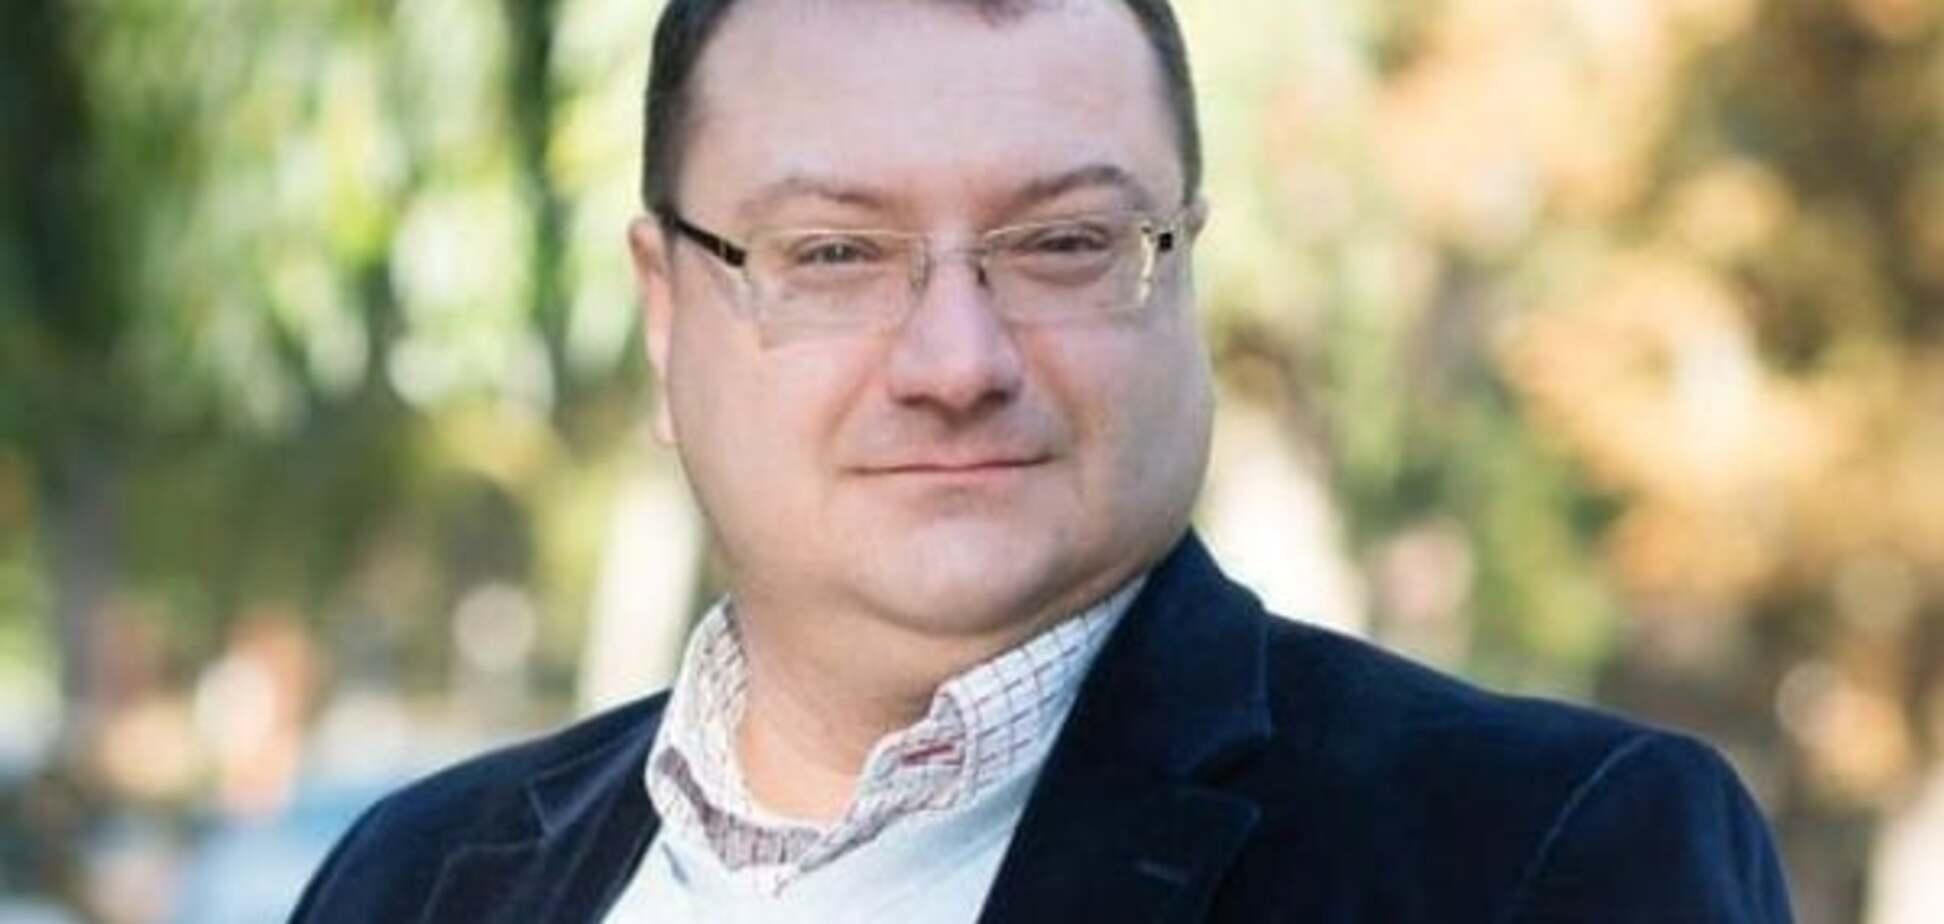 Убийство адвоката Грабовского: подозреваемые признали свою вину и сознались в ещё одном убийстве